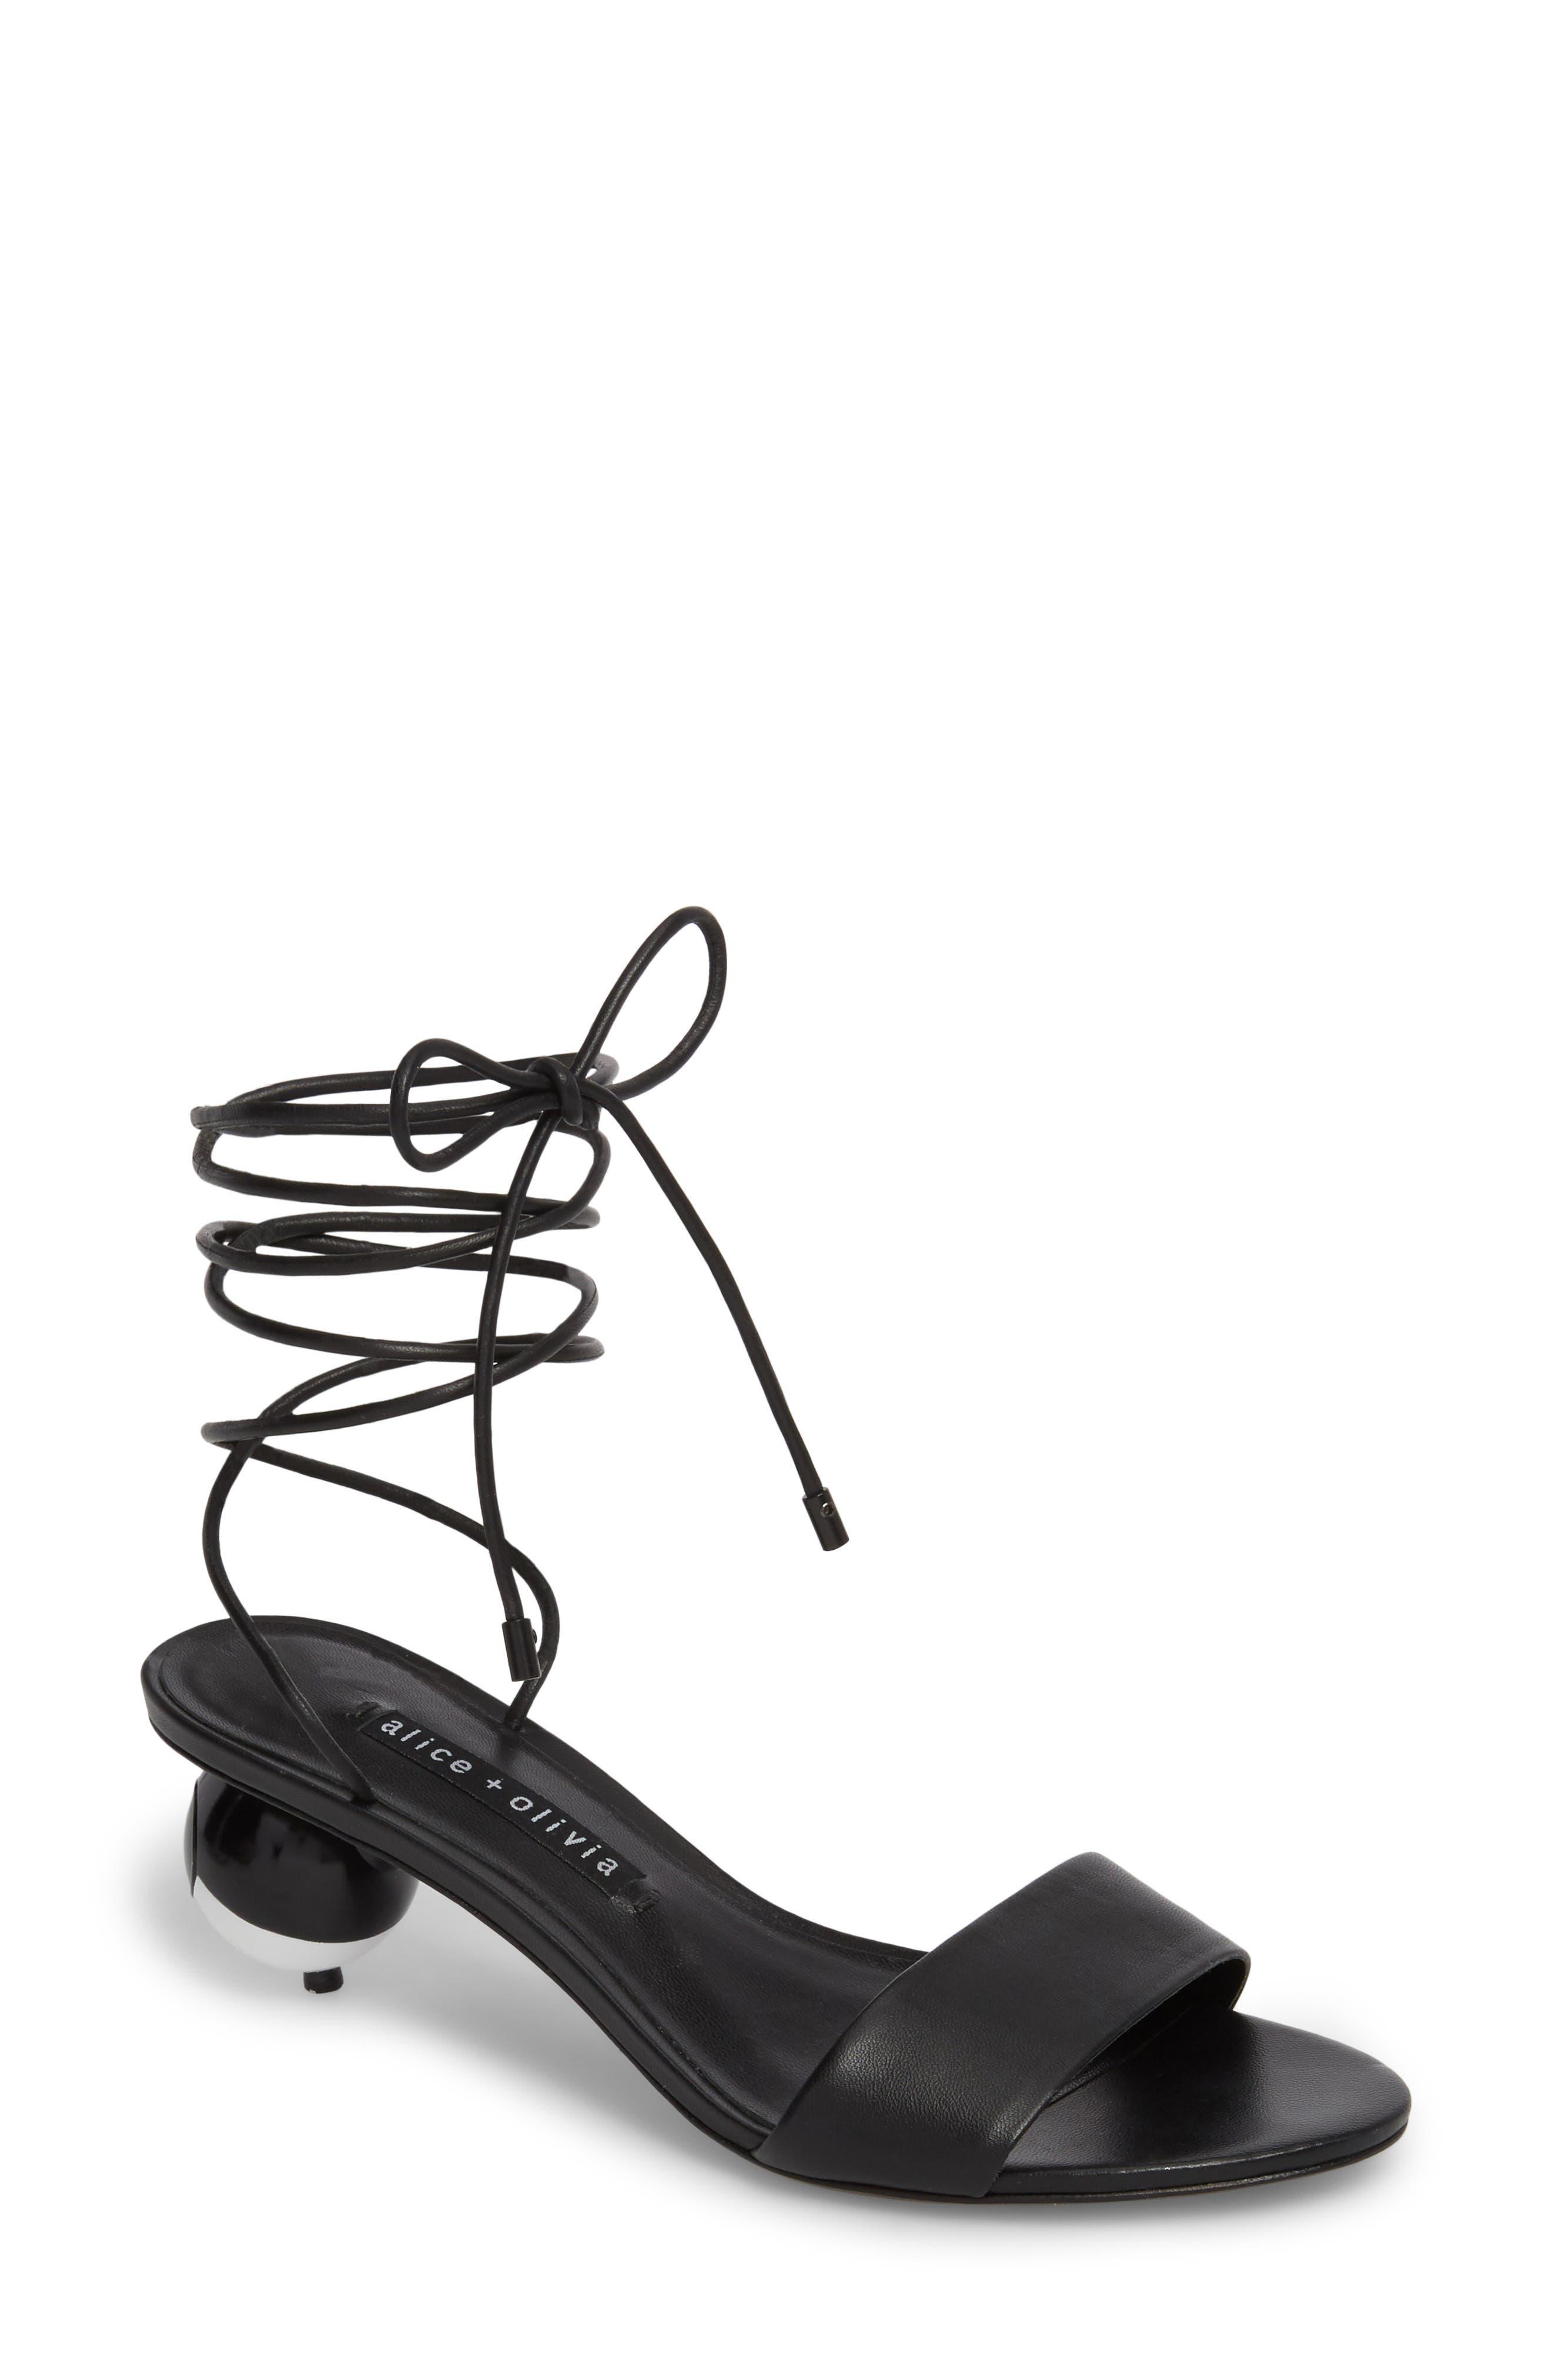 Coraline Ankle Tie Sandal,                             Main thumbnail 1, color,                             001